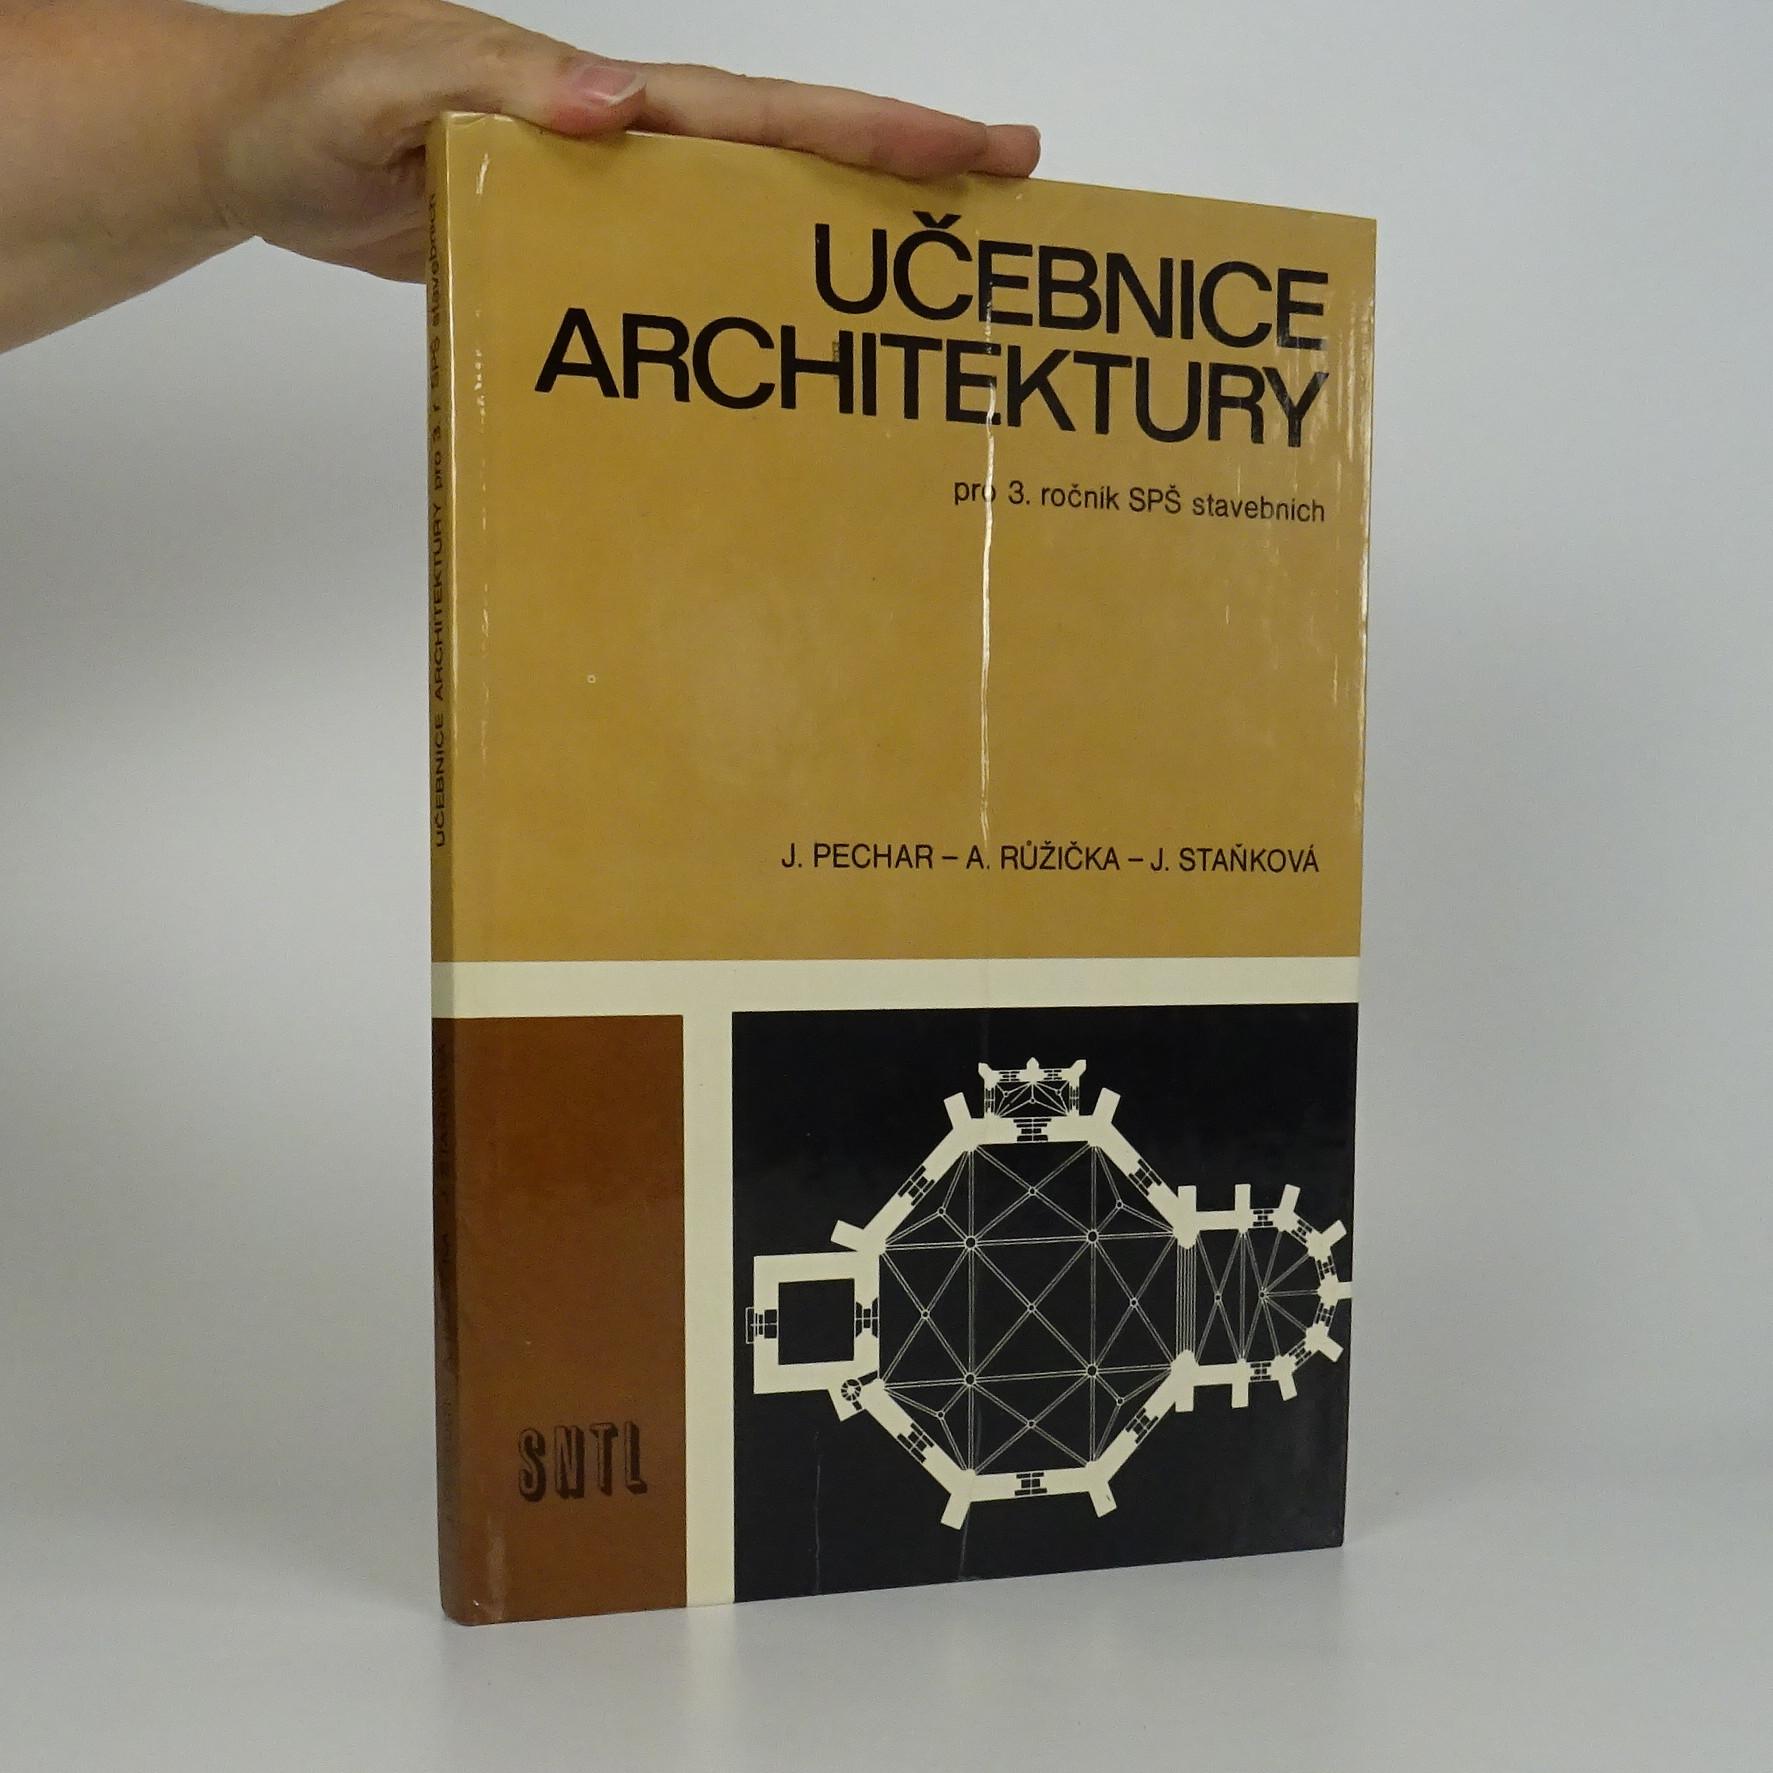 antikvární kniha Učebnice architektury pro 3. ročník SPŠ stavebních, 1981